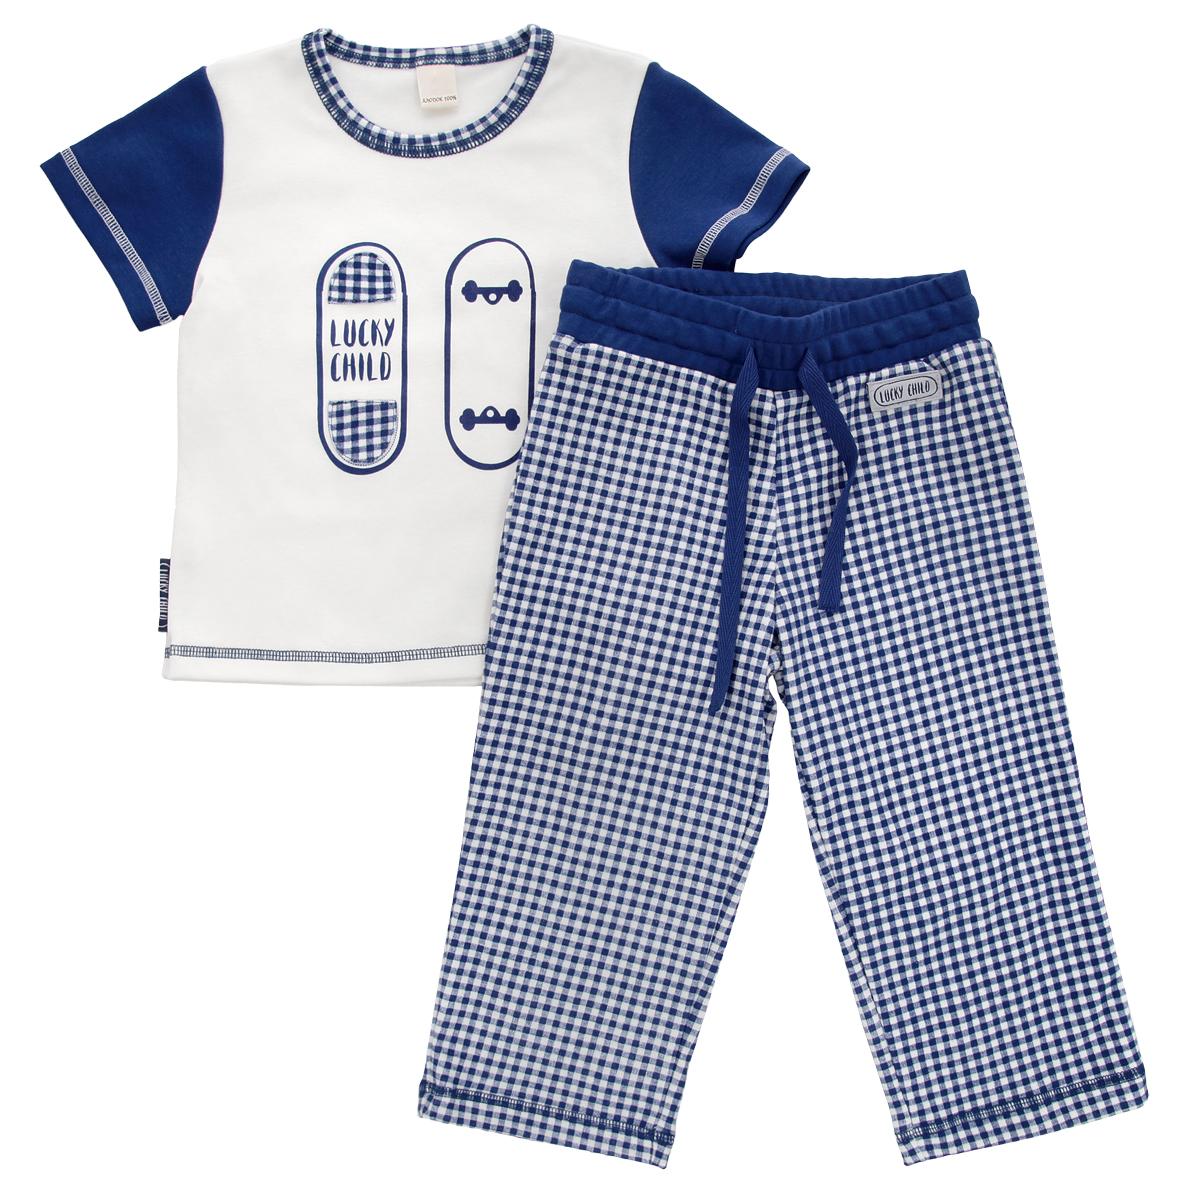 Пижама для мальчика Lucky Child, цвет: синий, молочный. 13-403. Размер 122/12813-403Очаровательная пижама для мальчика Lucky Child, состоящая из футболки и брюк, идеально подойдет вашему маленькому мужчине и станет отличным дополнением к детскому гардеробу. Изготовленная из натурального хлопка - интерлока, она необычайно мягкая и приятная на ощупь, не раздражает нежную кожу ребенка и хорошо вентилируется, а эластичные швы приятны телу и не препятствуют его движениям.Футболка с короткими рукавами и круглым вырезом горловины оформлена спереди оригинальной аппликацией и принтом с изображением скейтборда. Горловина оформлена принтом в клетку. Низ рукавов и низ изделия оформлены контрастной фигурной прострочкой. Брюки на талии имеют широкий эластичный пояс со шнурком, благодаря чему они не сдавливают животик ребенка и не сползают. Оформлены брюки принтом в клетку и небольшой нашивкой с названием бренда. Такая пижама идеально подойдет вашему ребенку, а мягкие полотна позволят ему комфортно чувствовать себя во время сна!